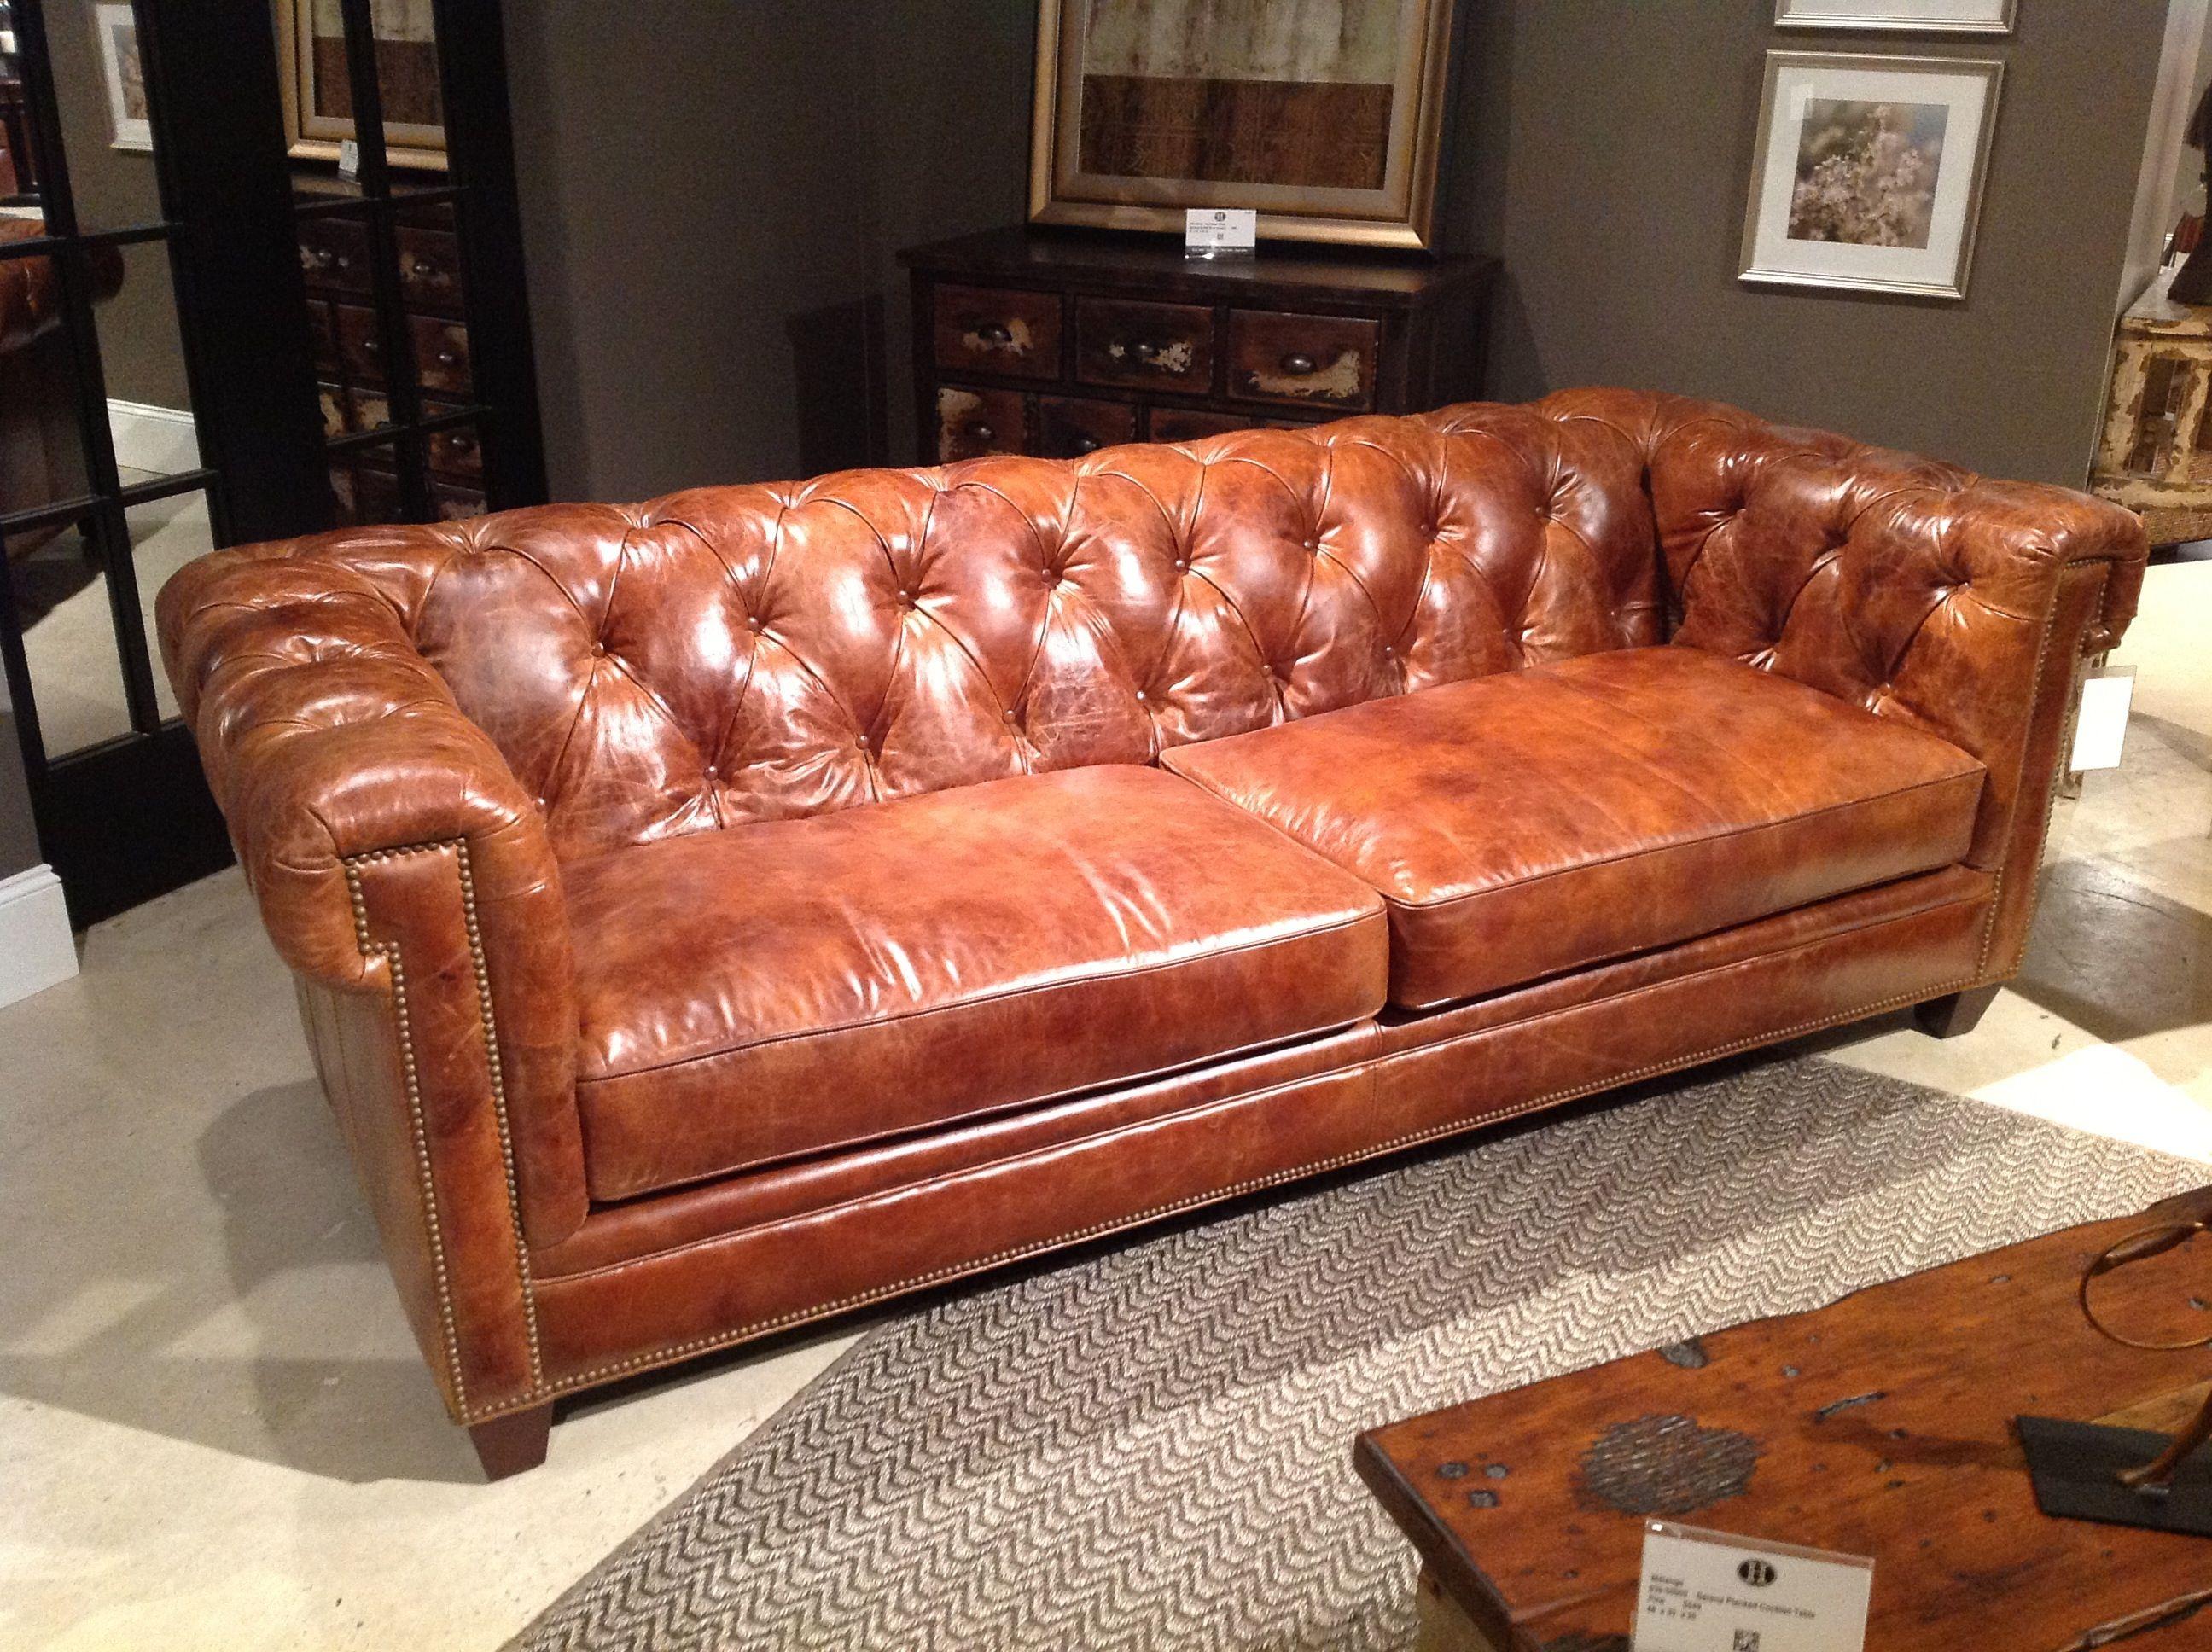 Samuel S Furniture Voted Best Furniture Store In Bellingham Leather Furniture Mattress Furniture Furniture